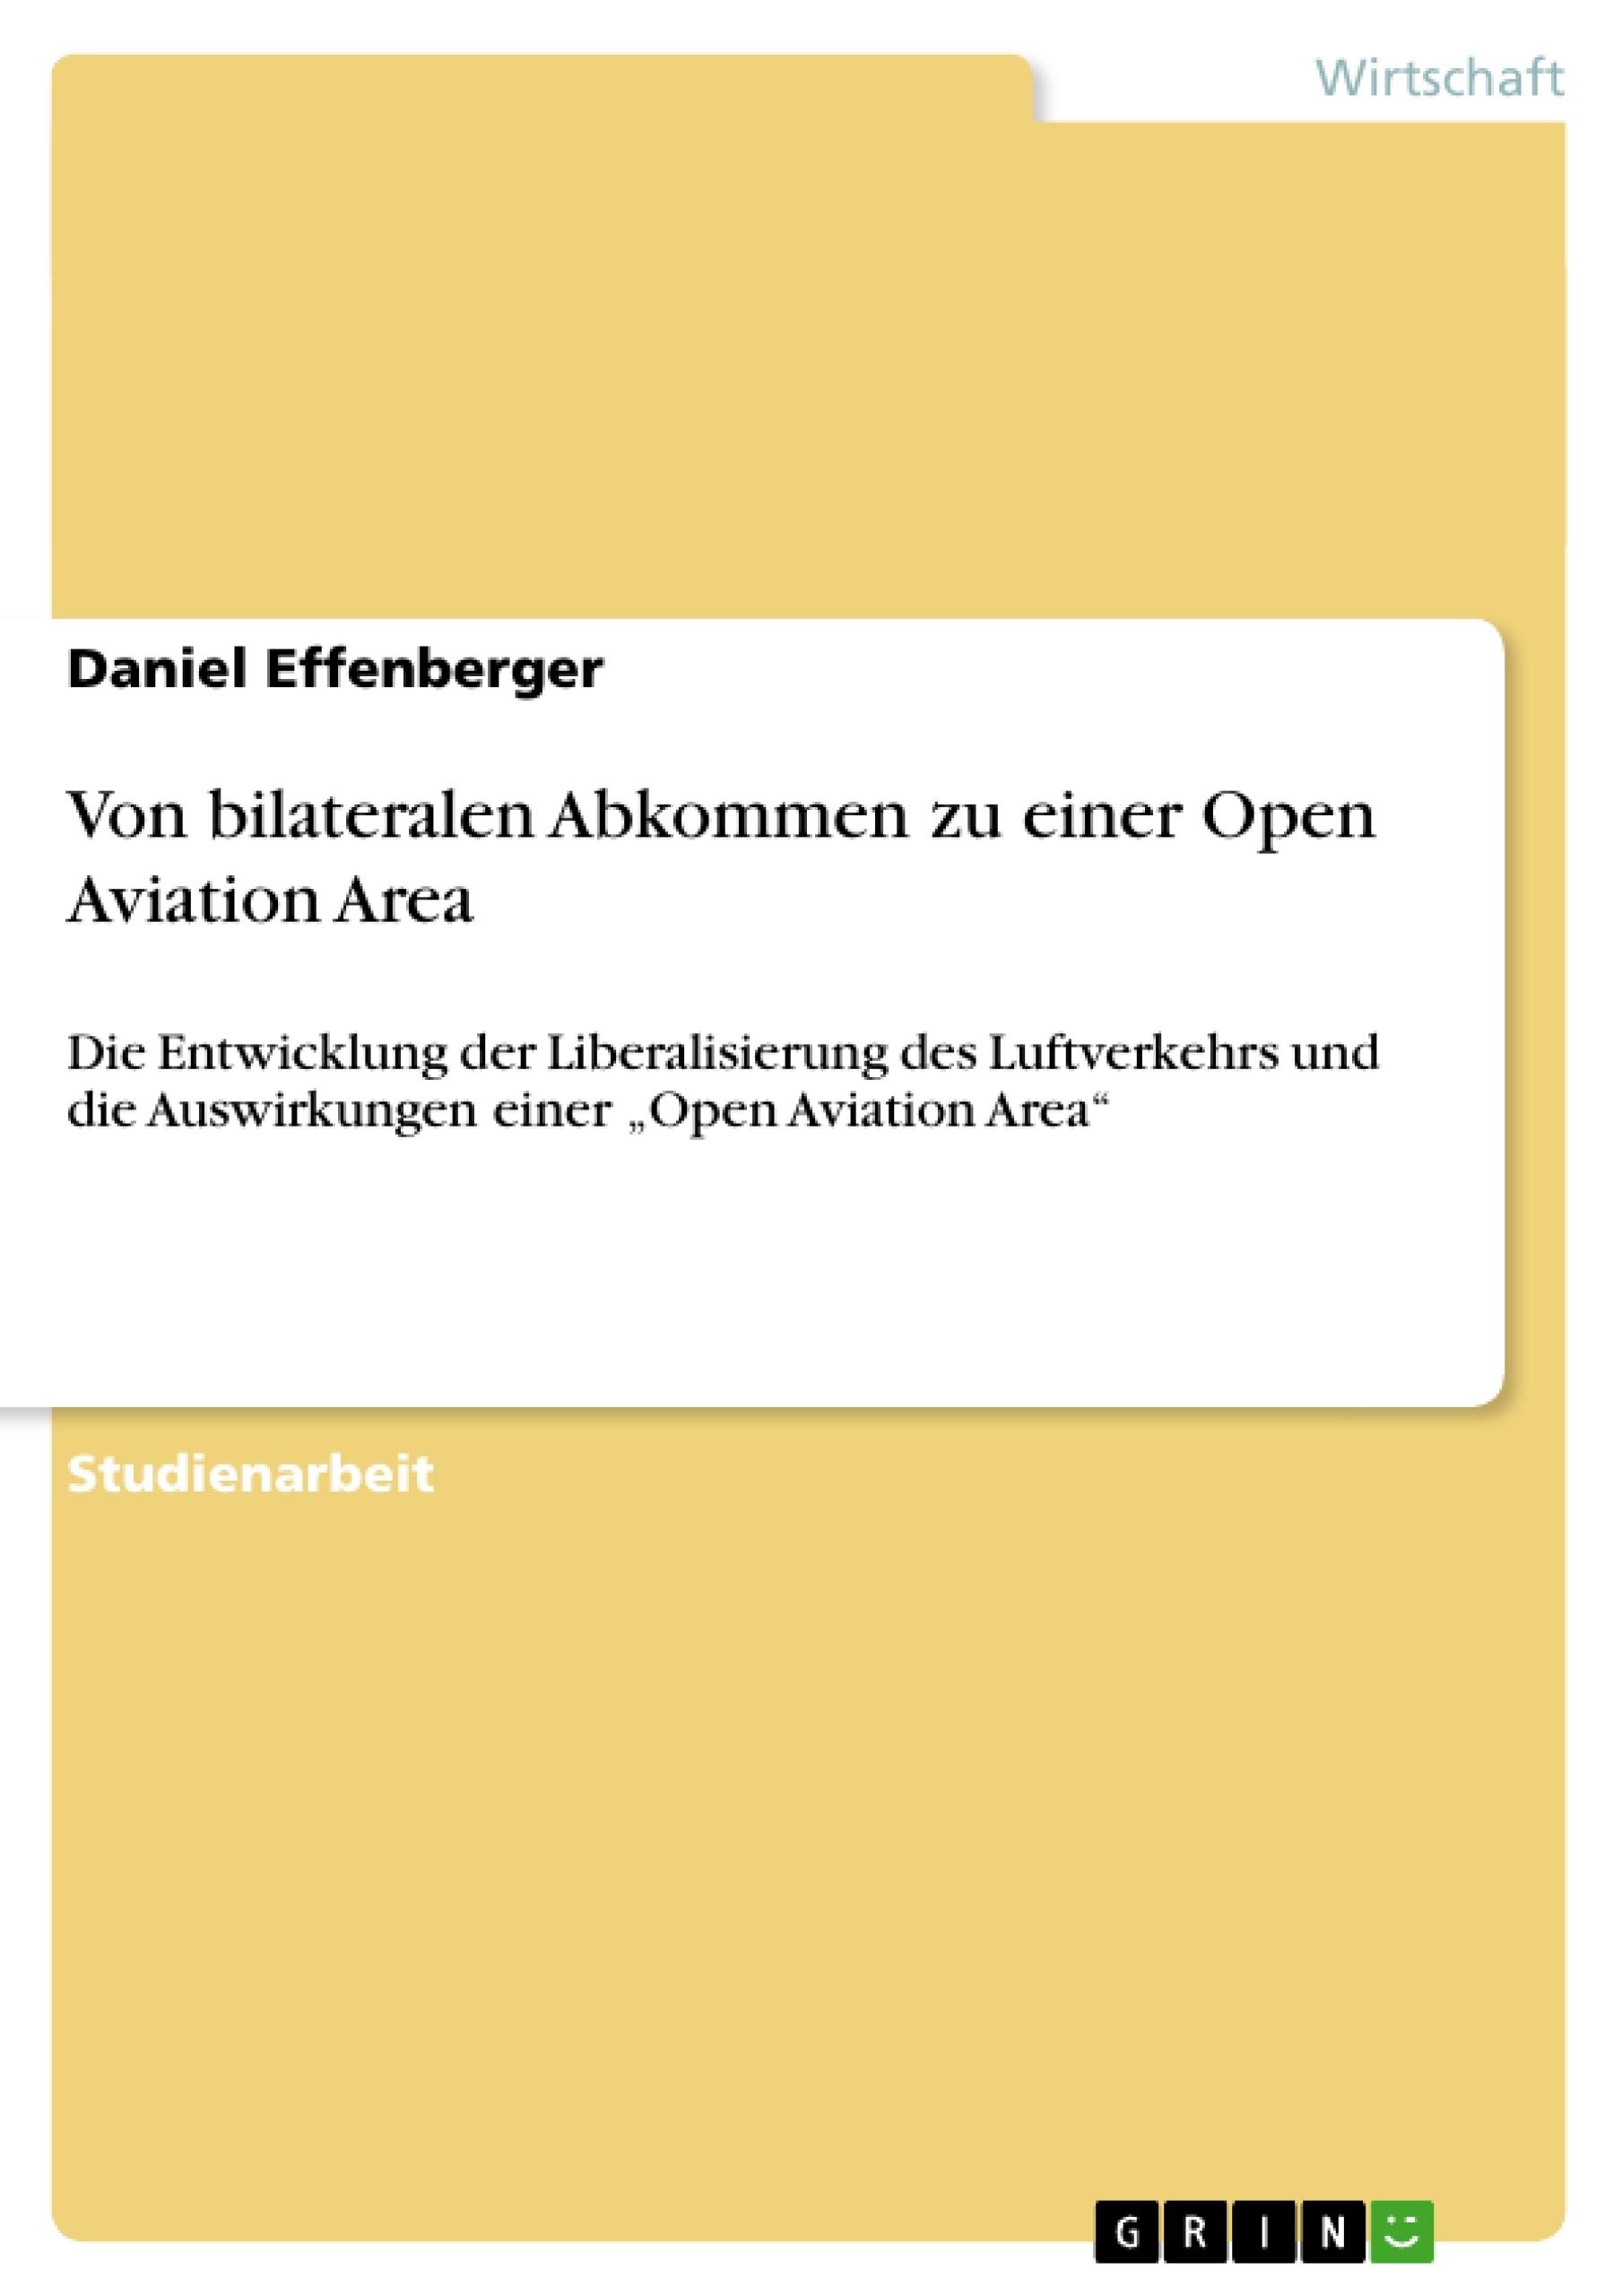 Titel: Von bilateralen Abkommen zu einer Open Aviation Area